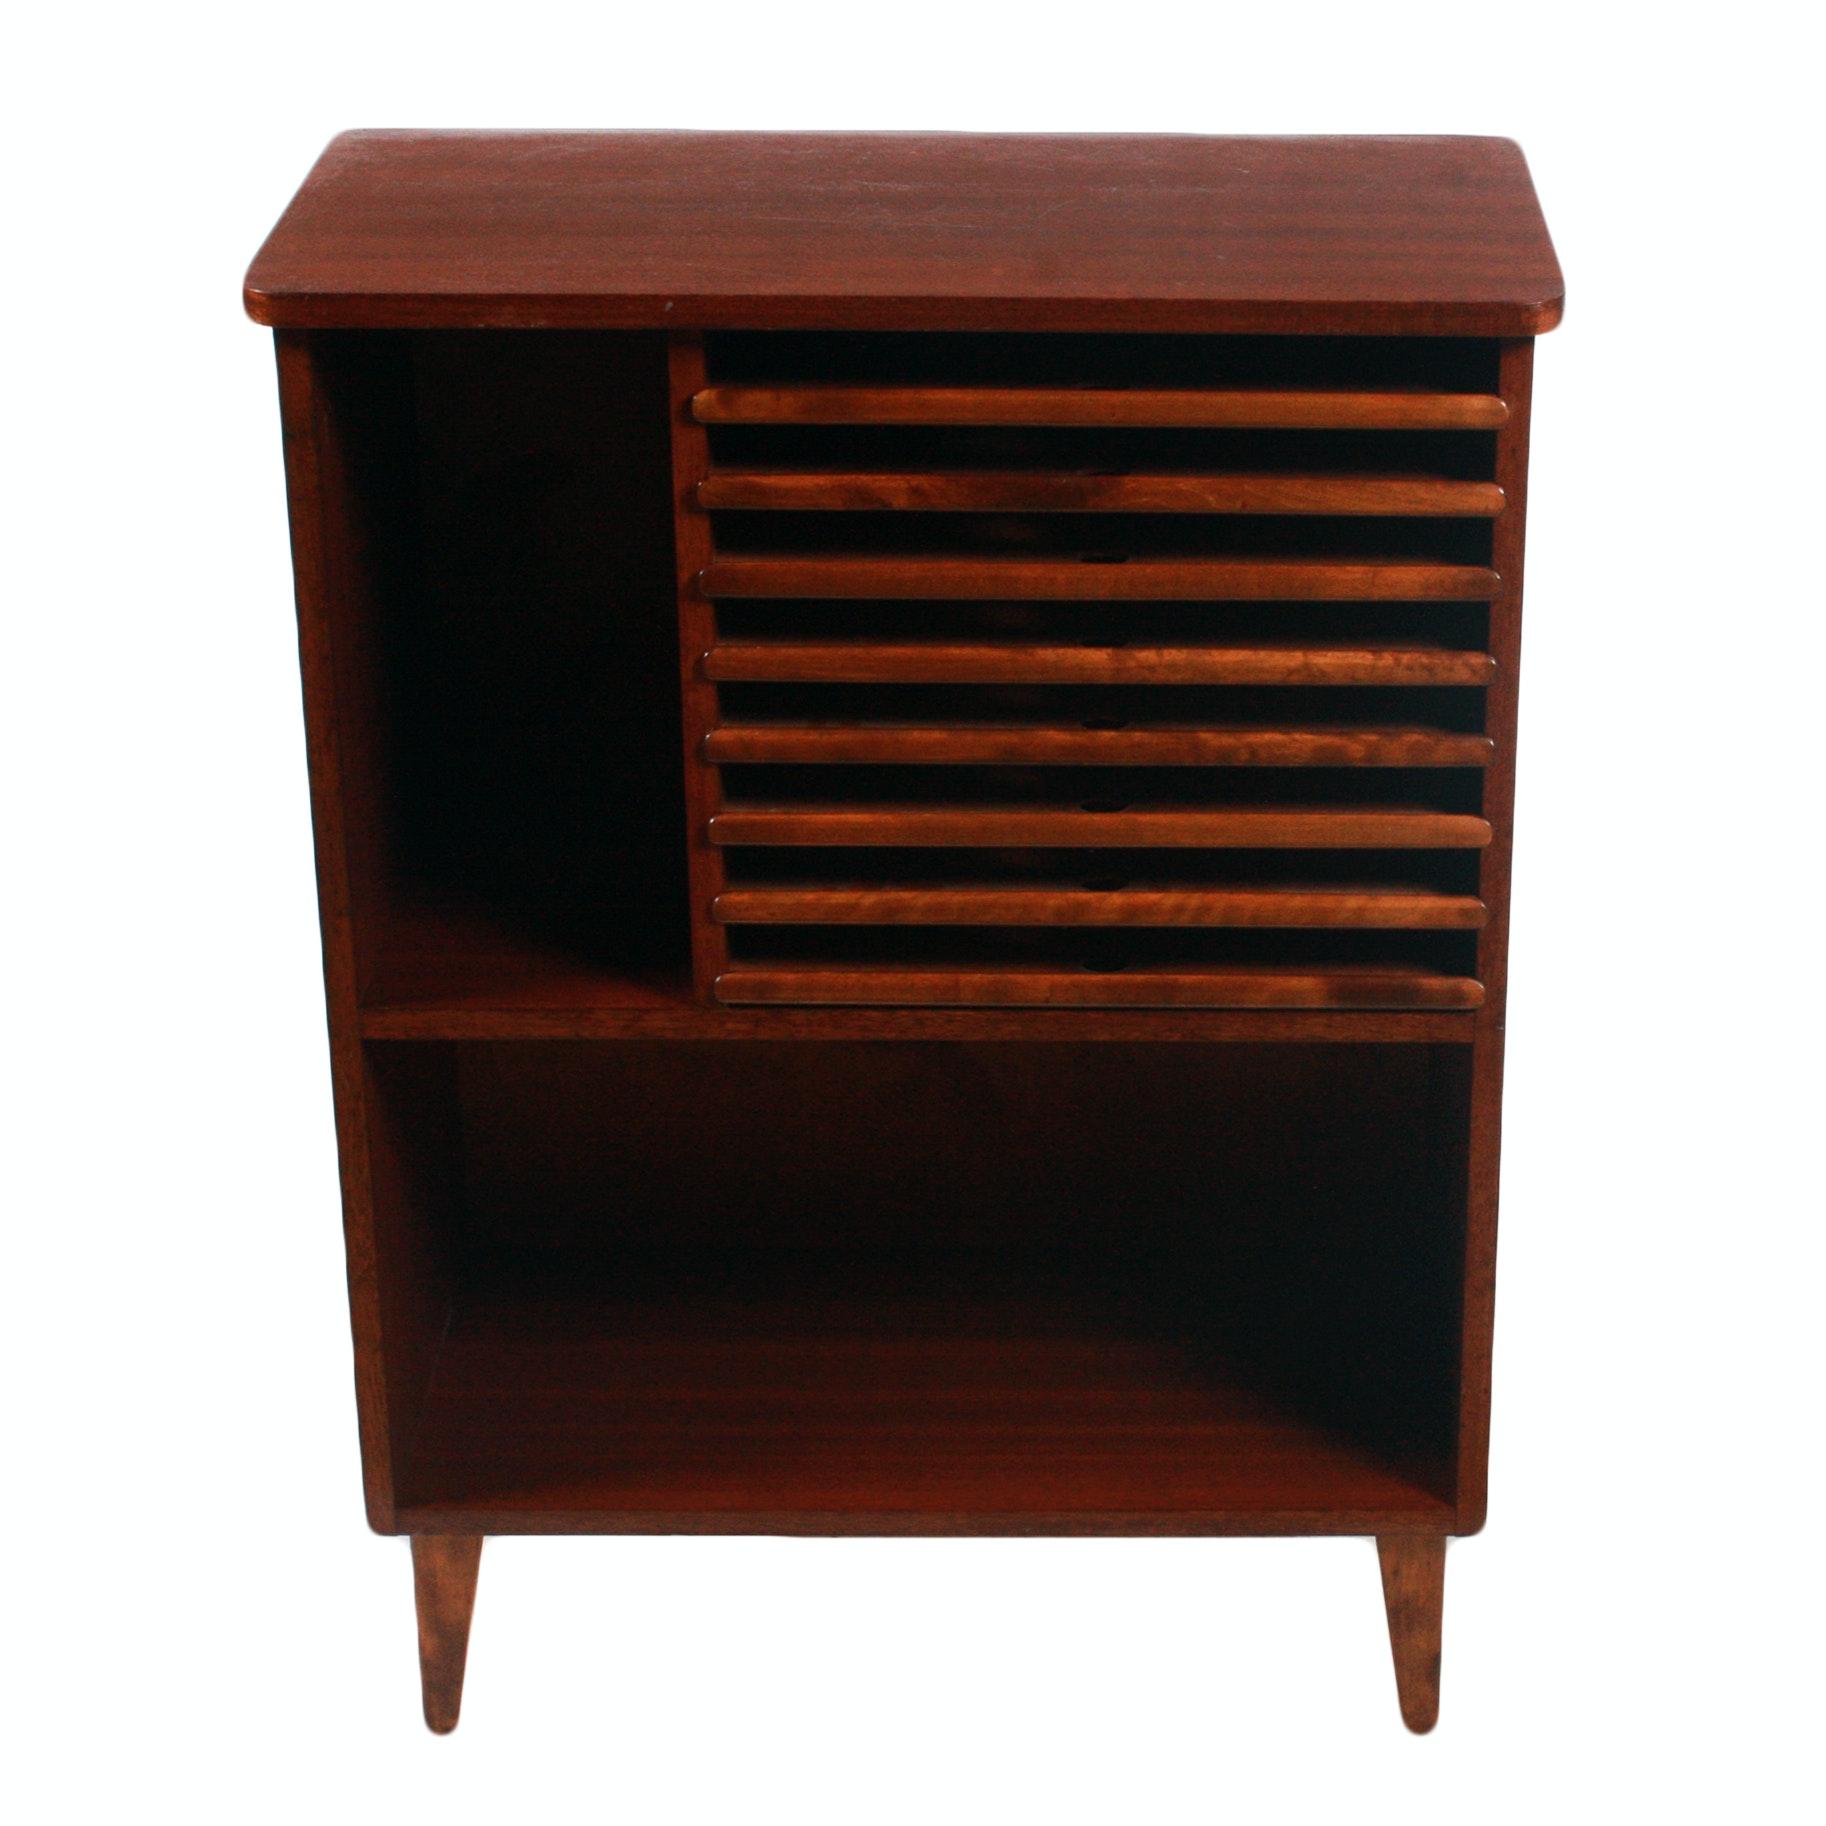 Scandinavian Modern Storage Cabinet